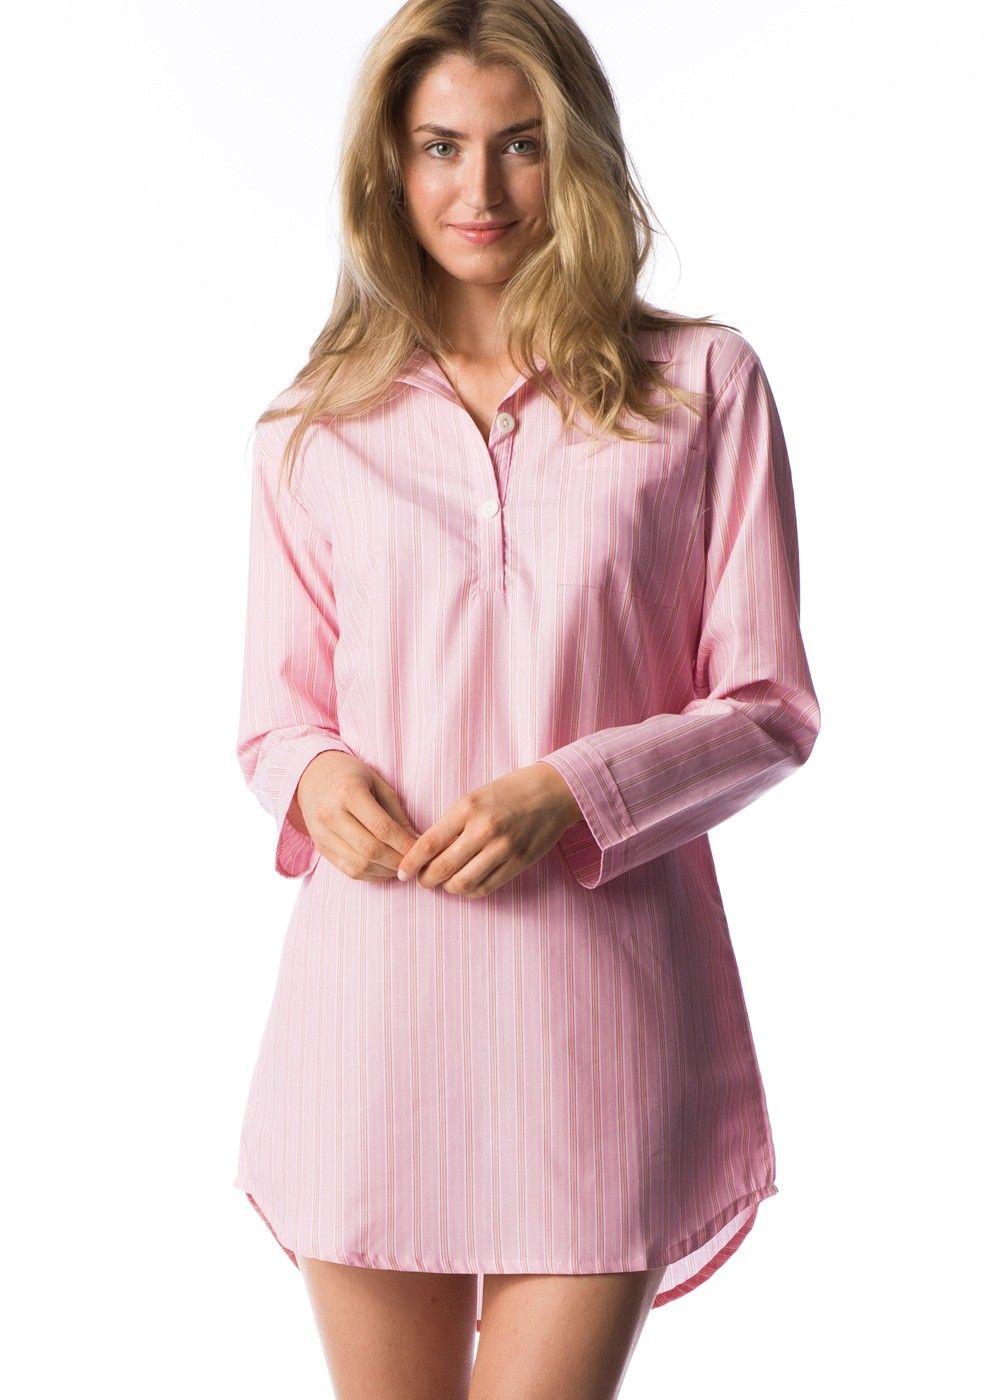 Womens sleep shirt shirts pinterest for Women s flannel sleep shirt